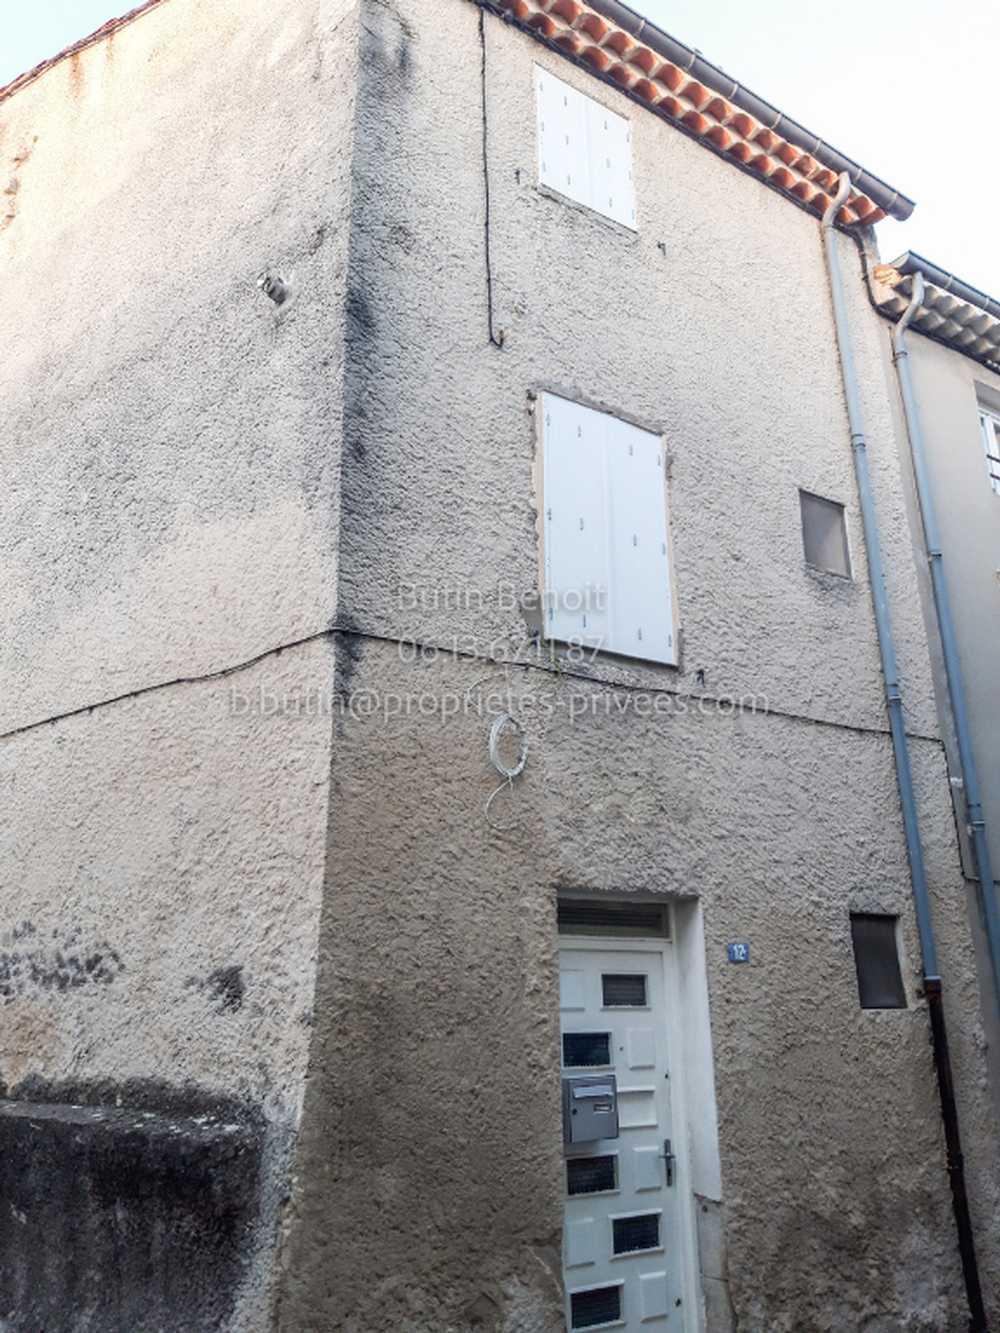 Bourg-Saint-Andéol Ardeche Haus Bild 3765166